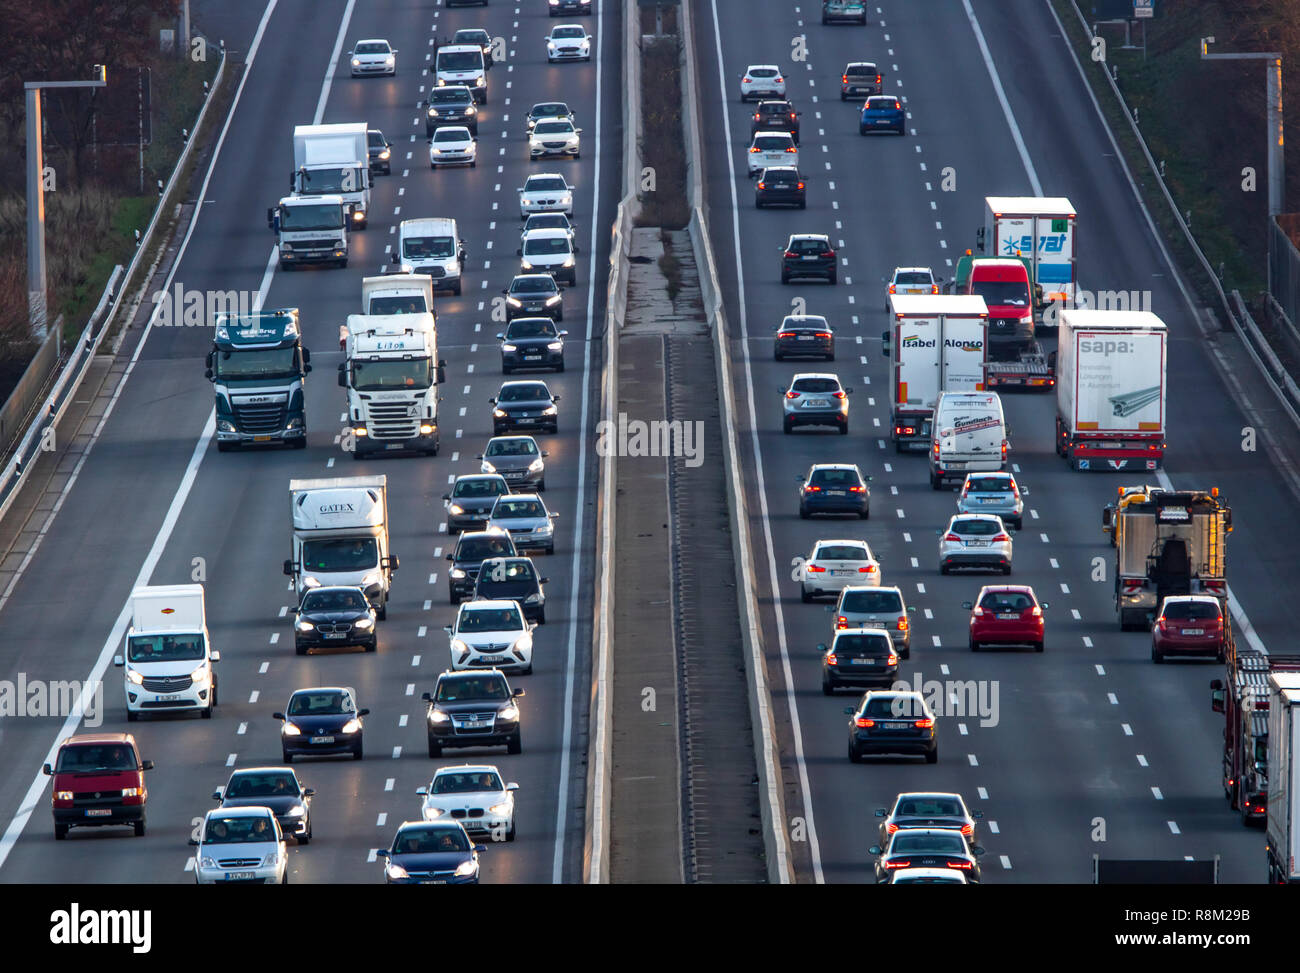 Von der Autobahn A3 zwischen Düsseldorf und Leverkusen, in Erkrath, Freigabe des Seitenstreifens bei hohem Verkehrsaufkommen, Kamera überwacht, Stockbild